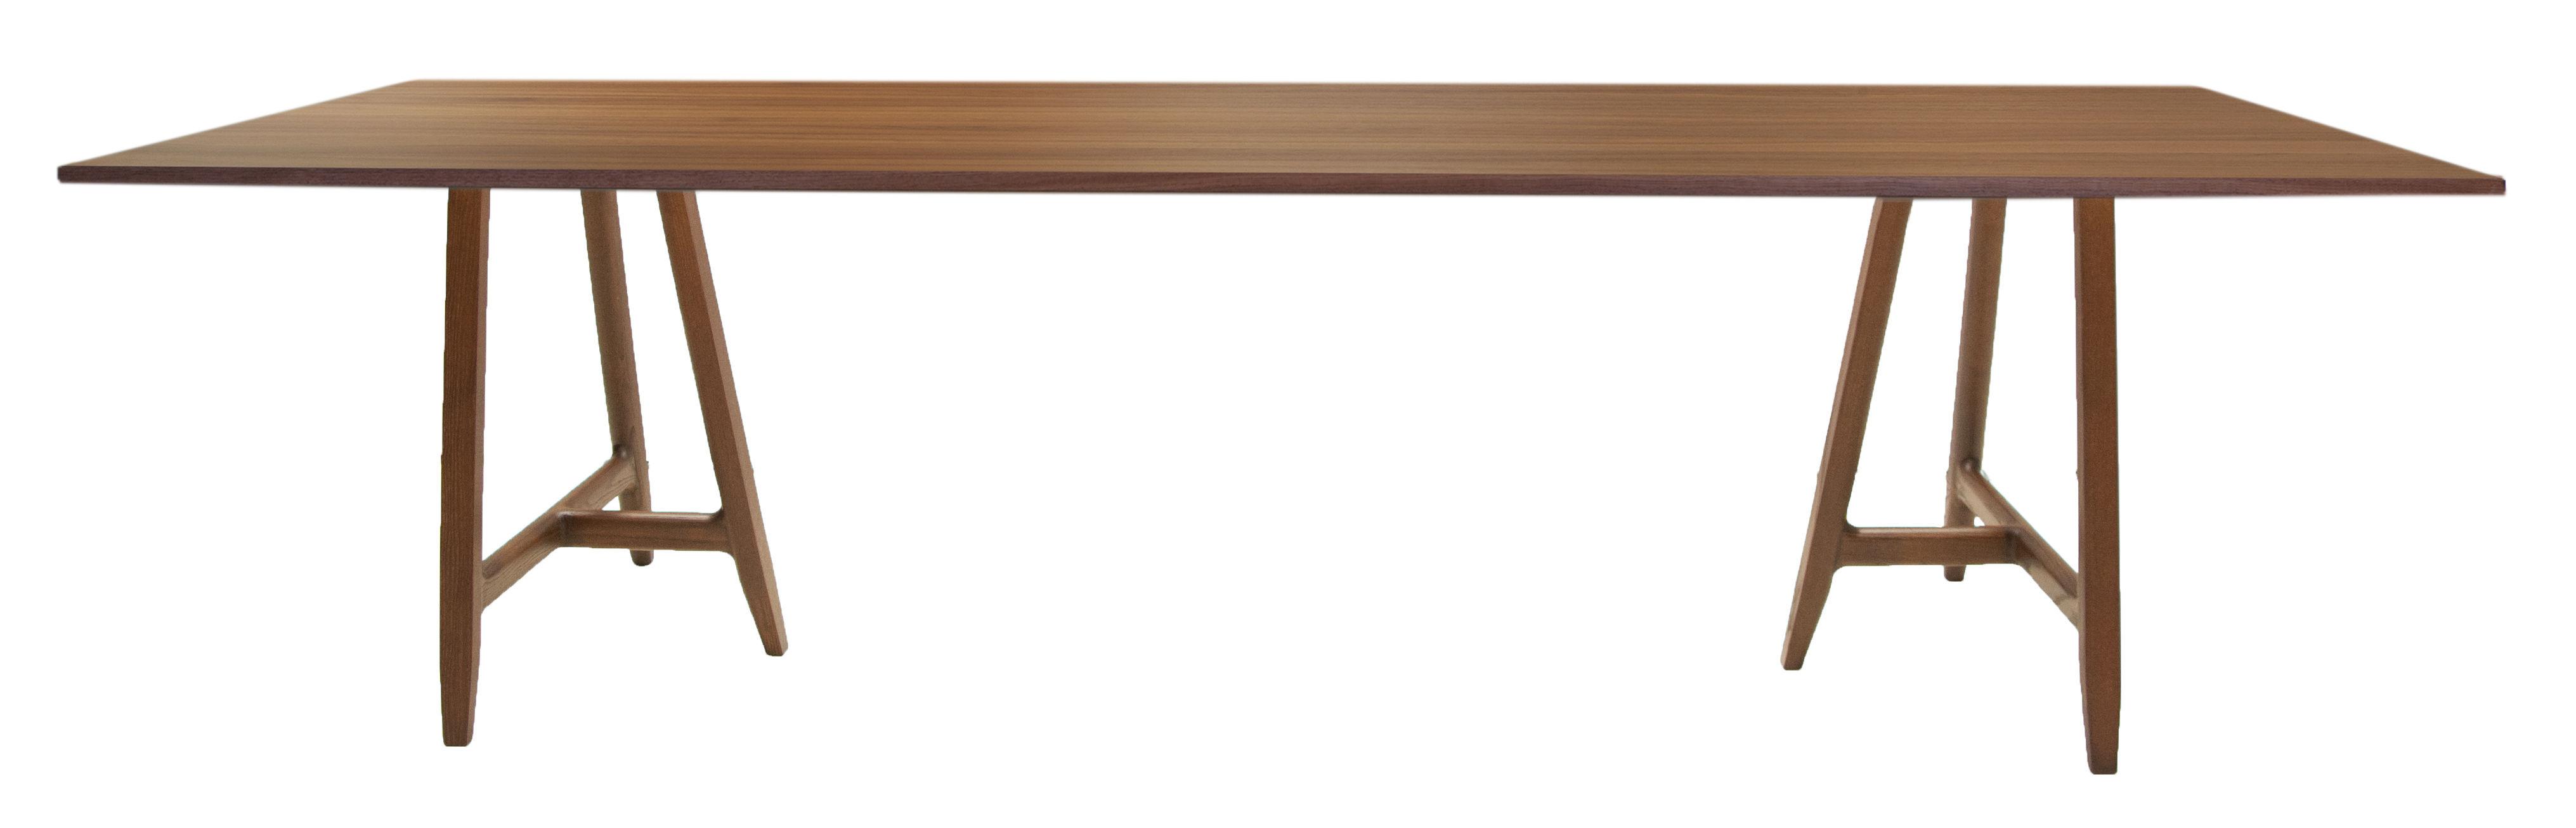 Trends - Essbereich: Neuheiten & Trends - Easel Table rectangulaire / 220 x 90 cm - Tischplatte Nussbaum - Driade - Tischplatte Nussbaum / Tischbeine Nussbaum - Nußbaumfurnier, Nussbaum massiv